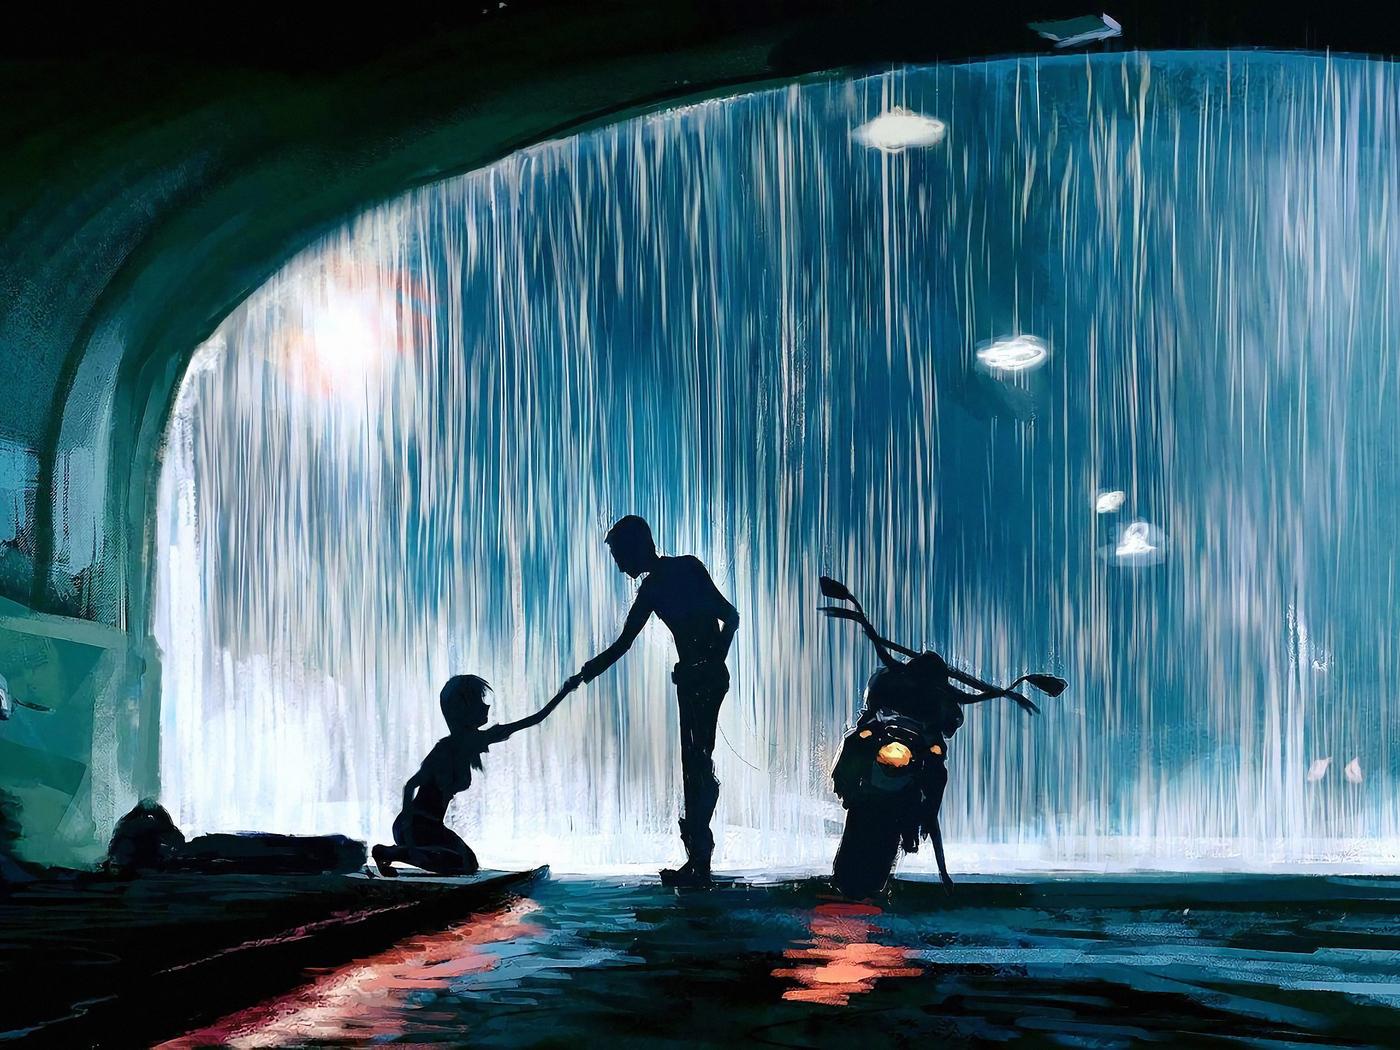 under-the-bridge-wr.jpg